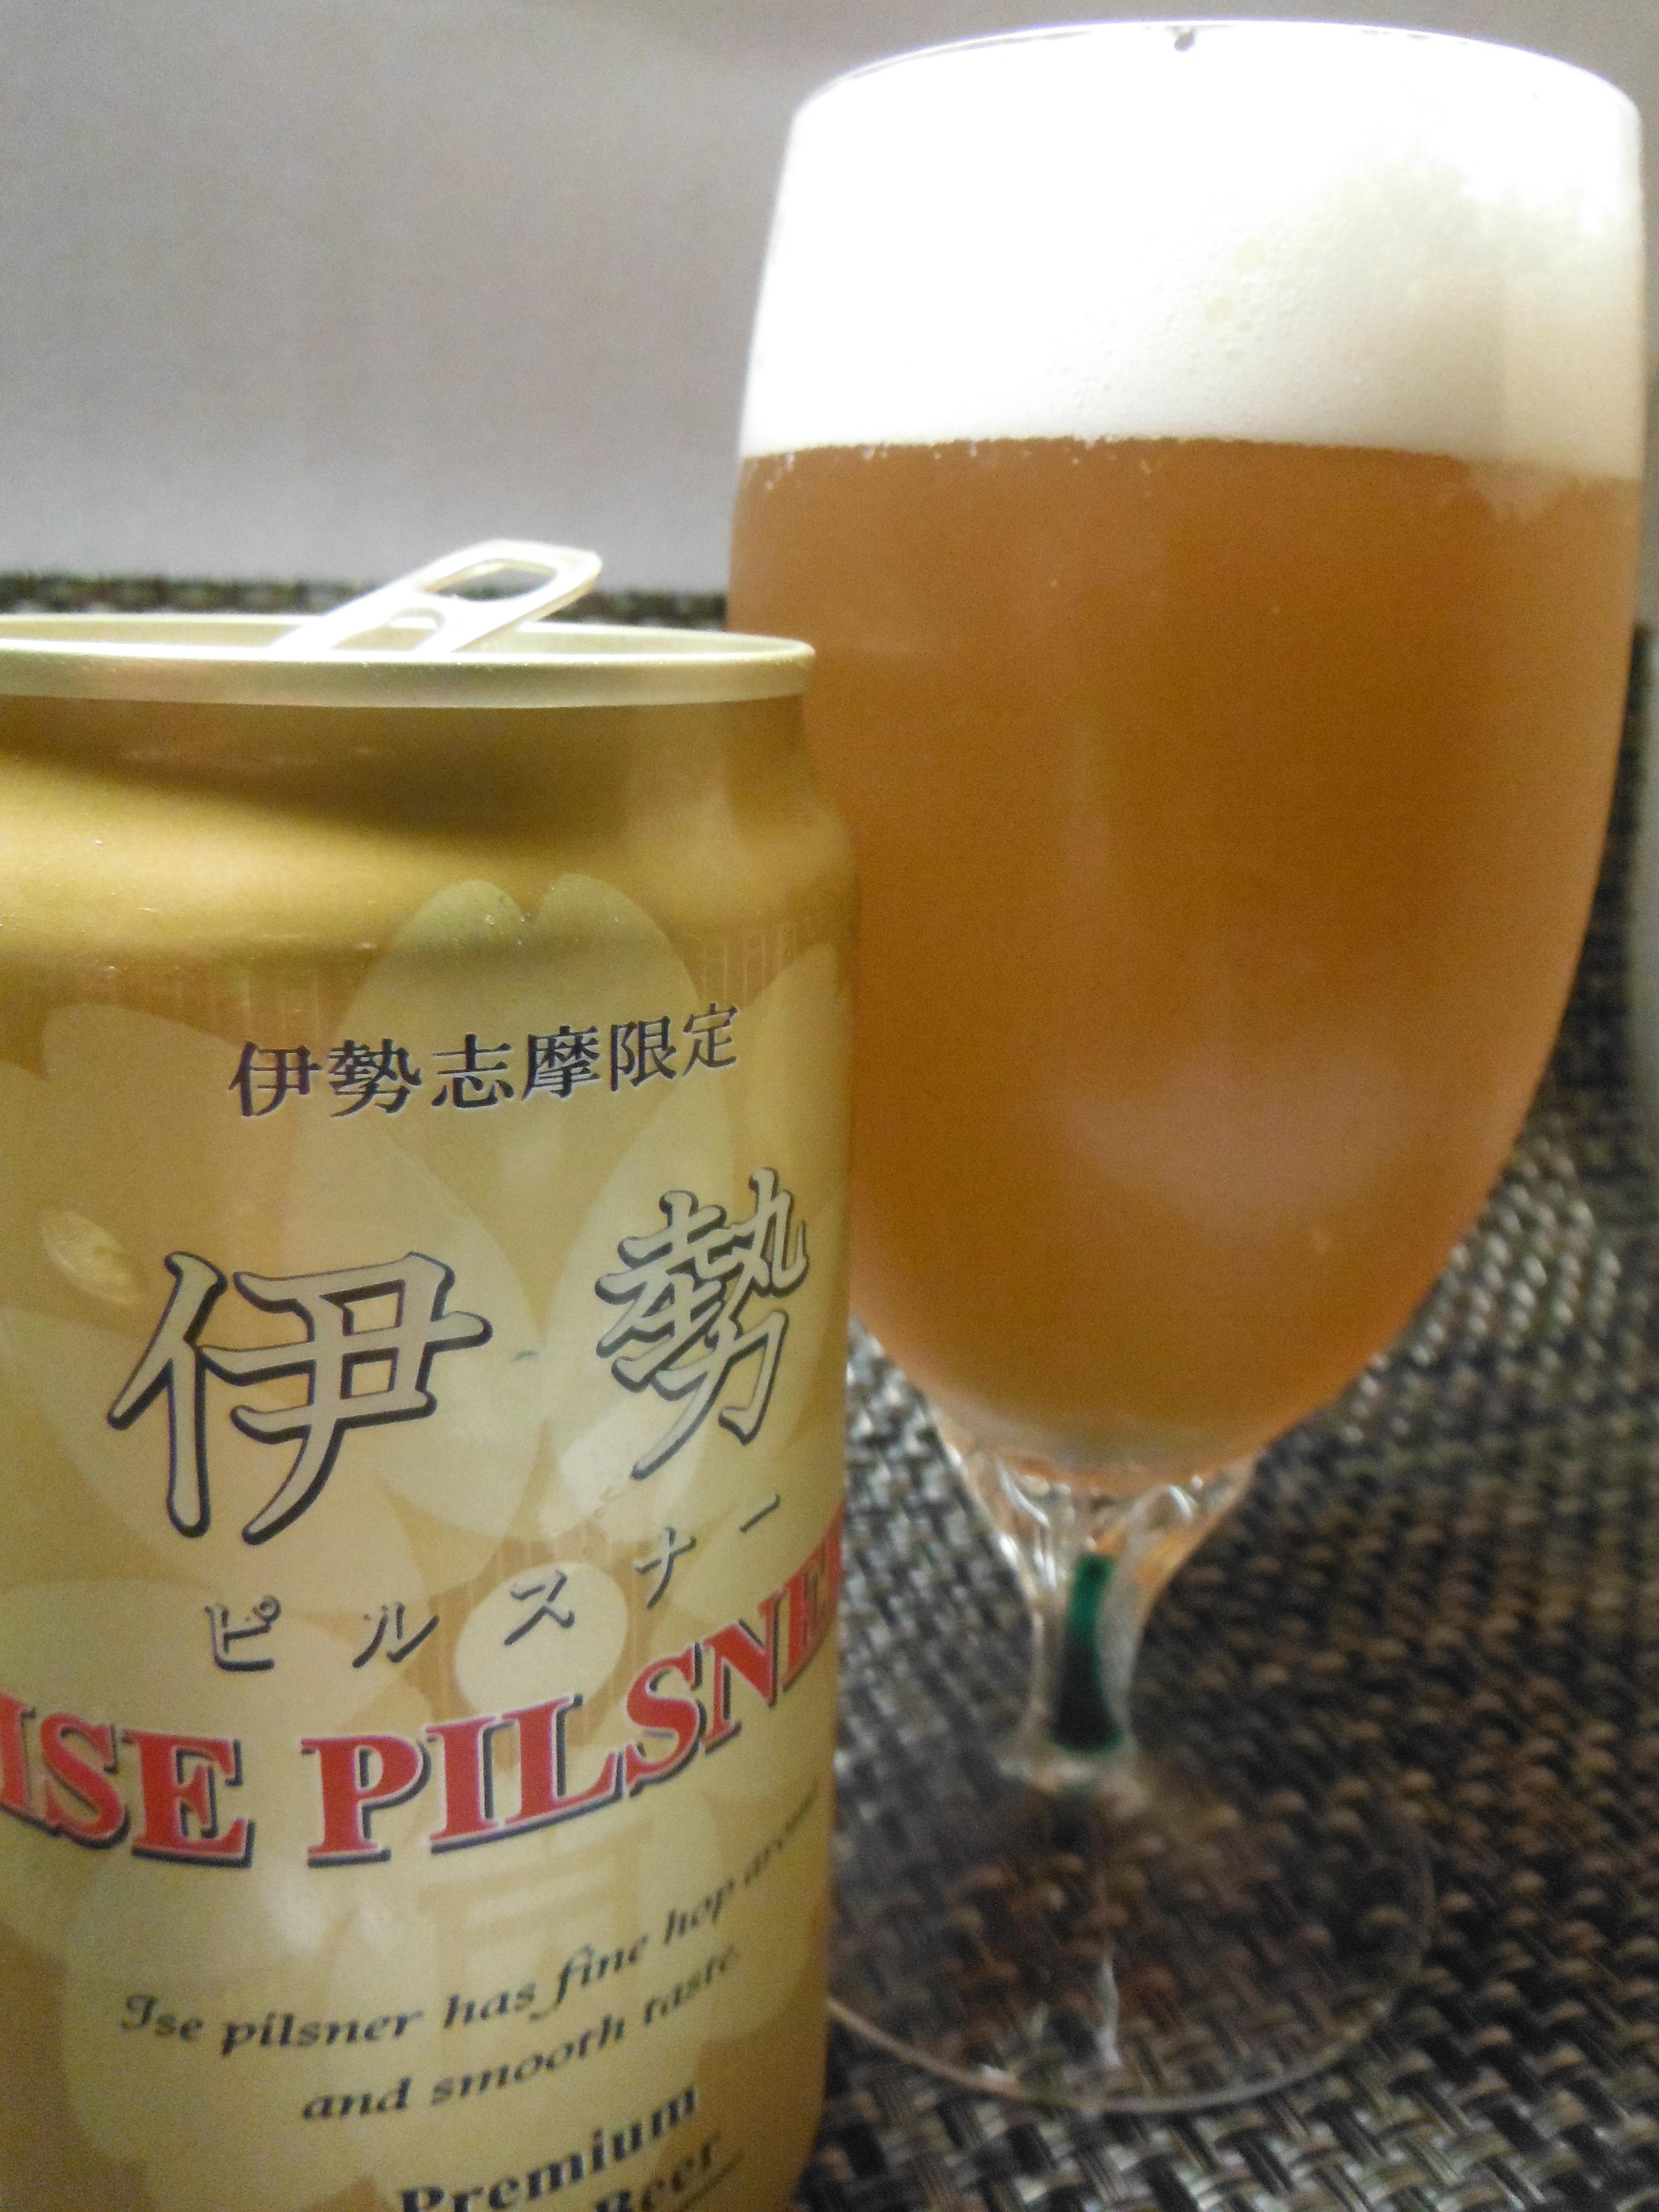 綺麗なグラスに注いだ伊勢ピルスナー2